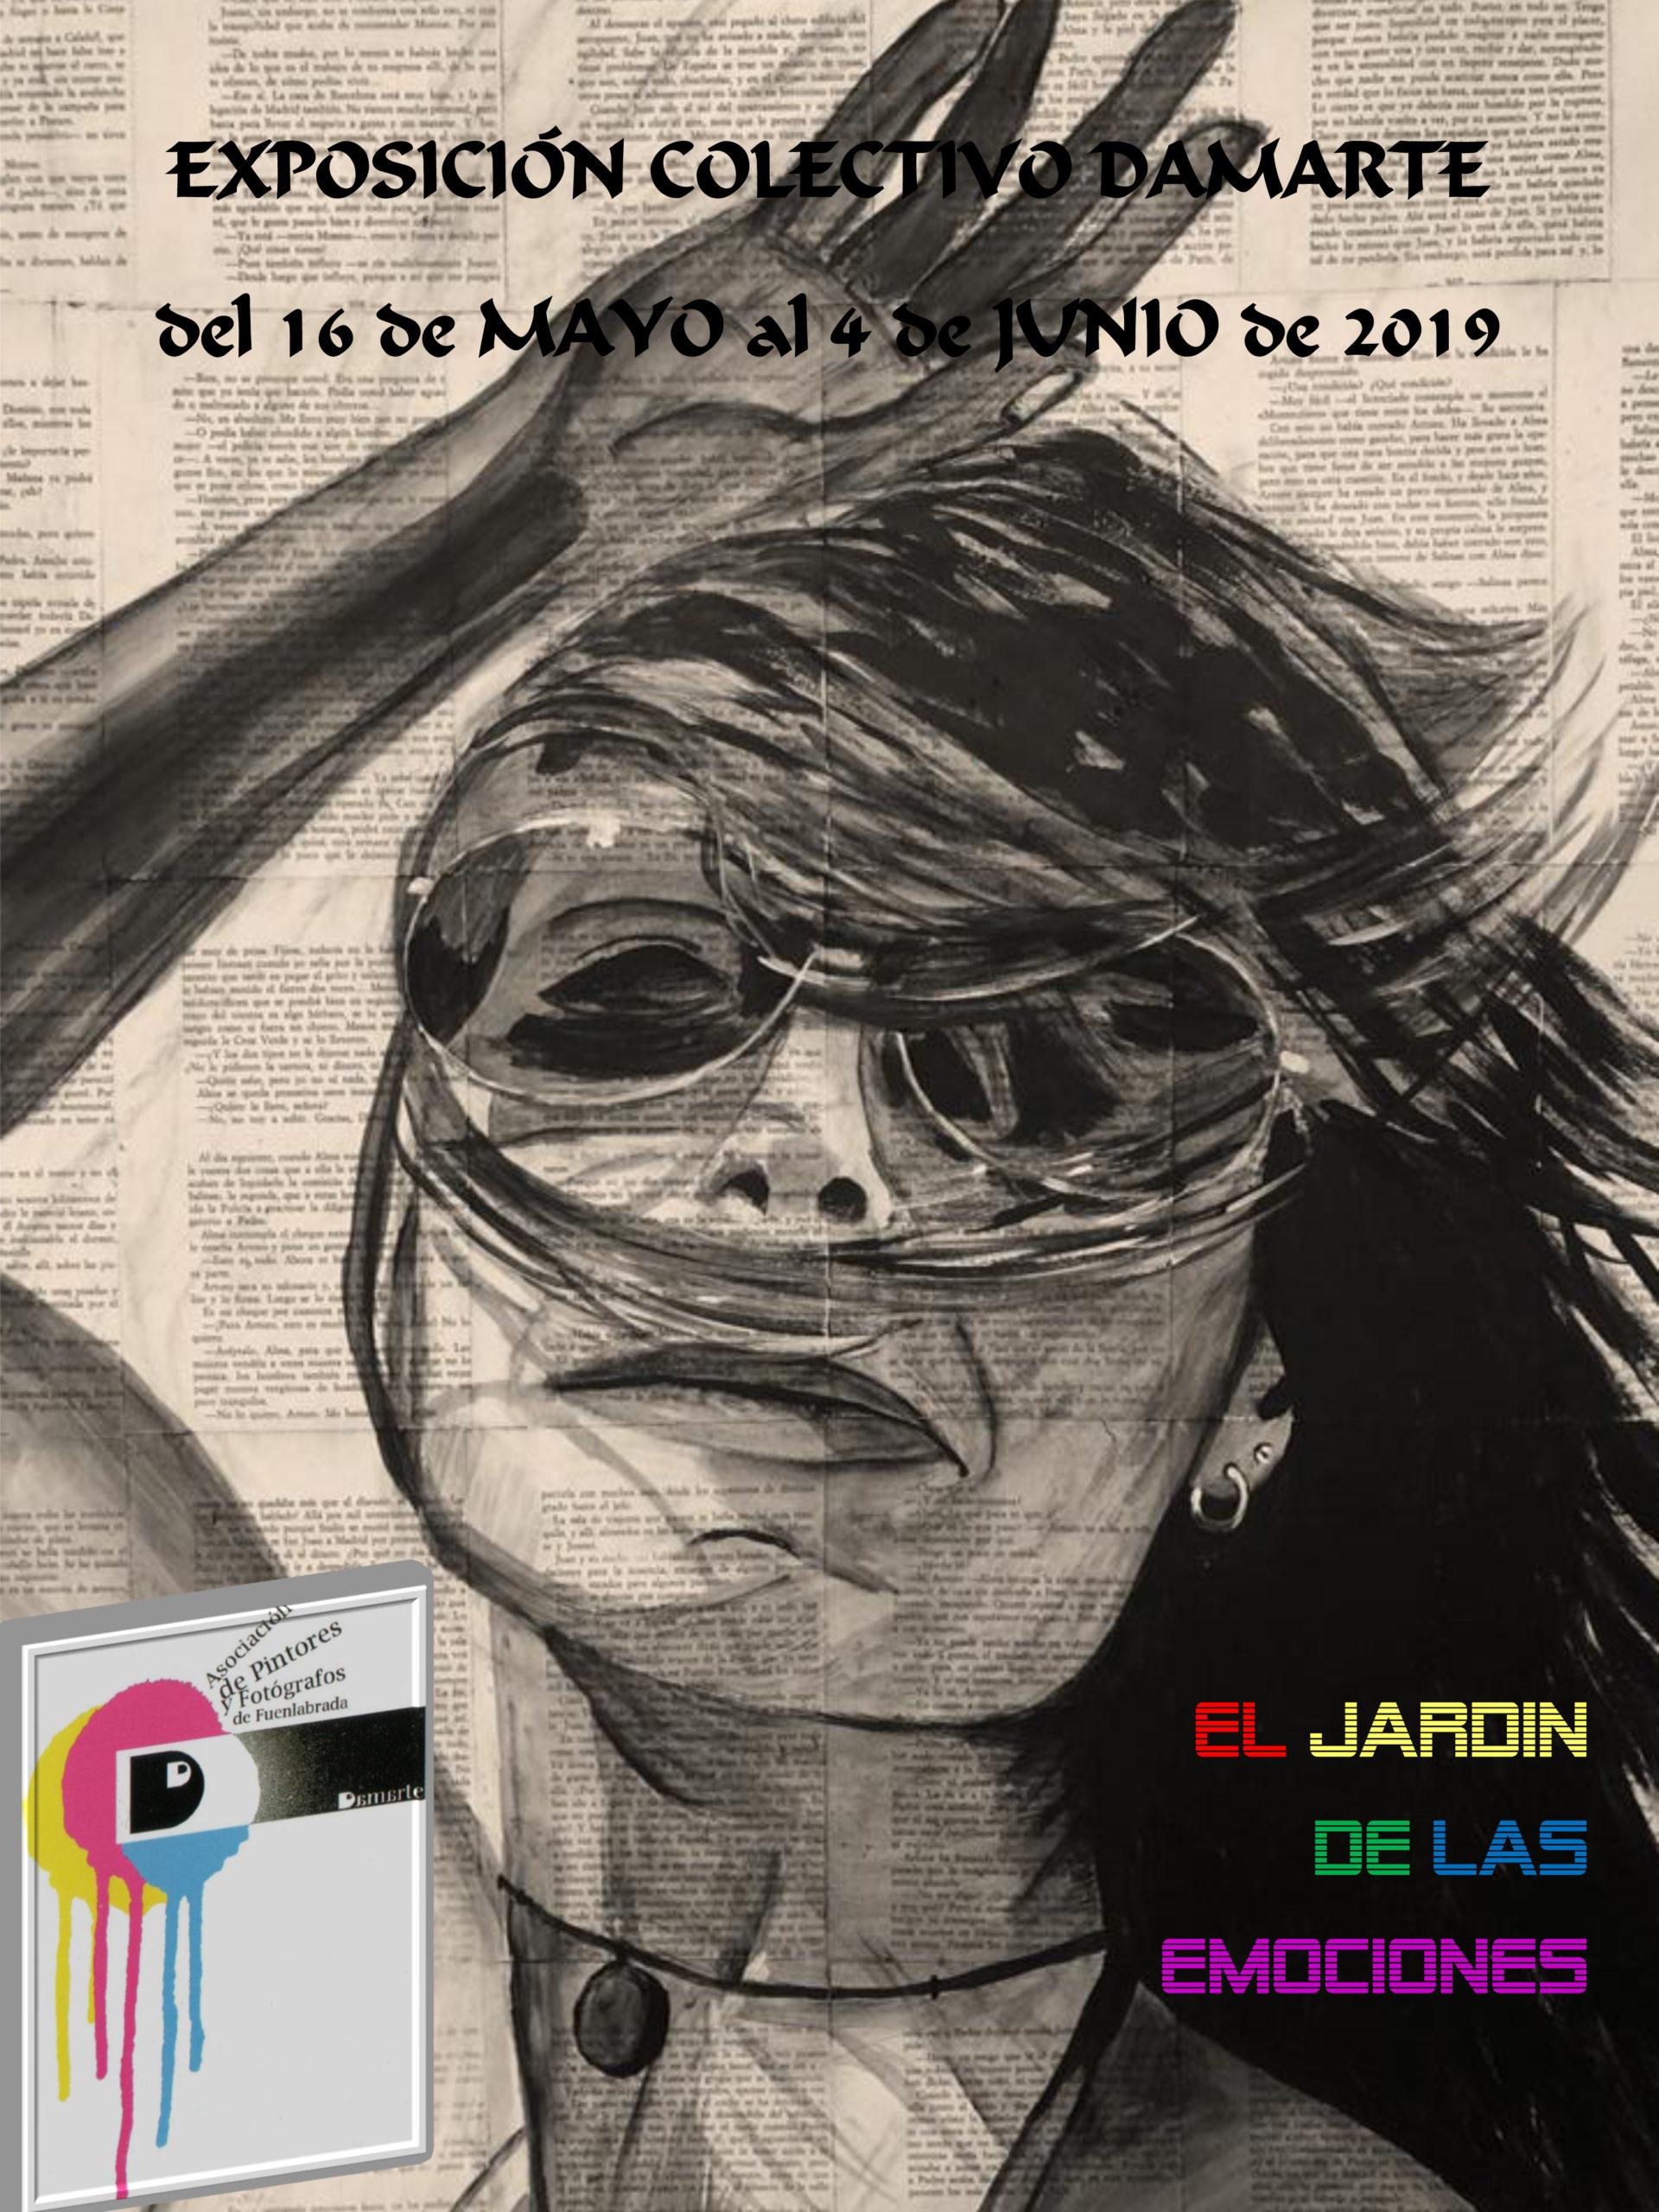 """COLECTIVO DAMARTE """"El Jardín de las emociones"""". Del 16 de mayo al 4 de junio  de 2019. SALA COLECTIVOS"""